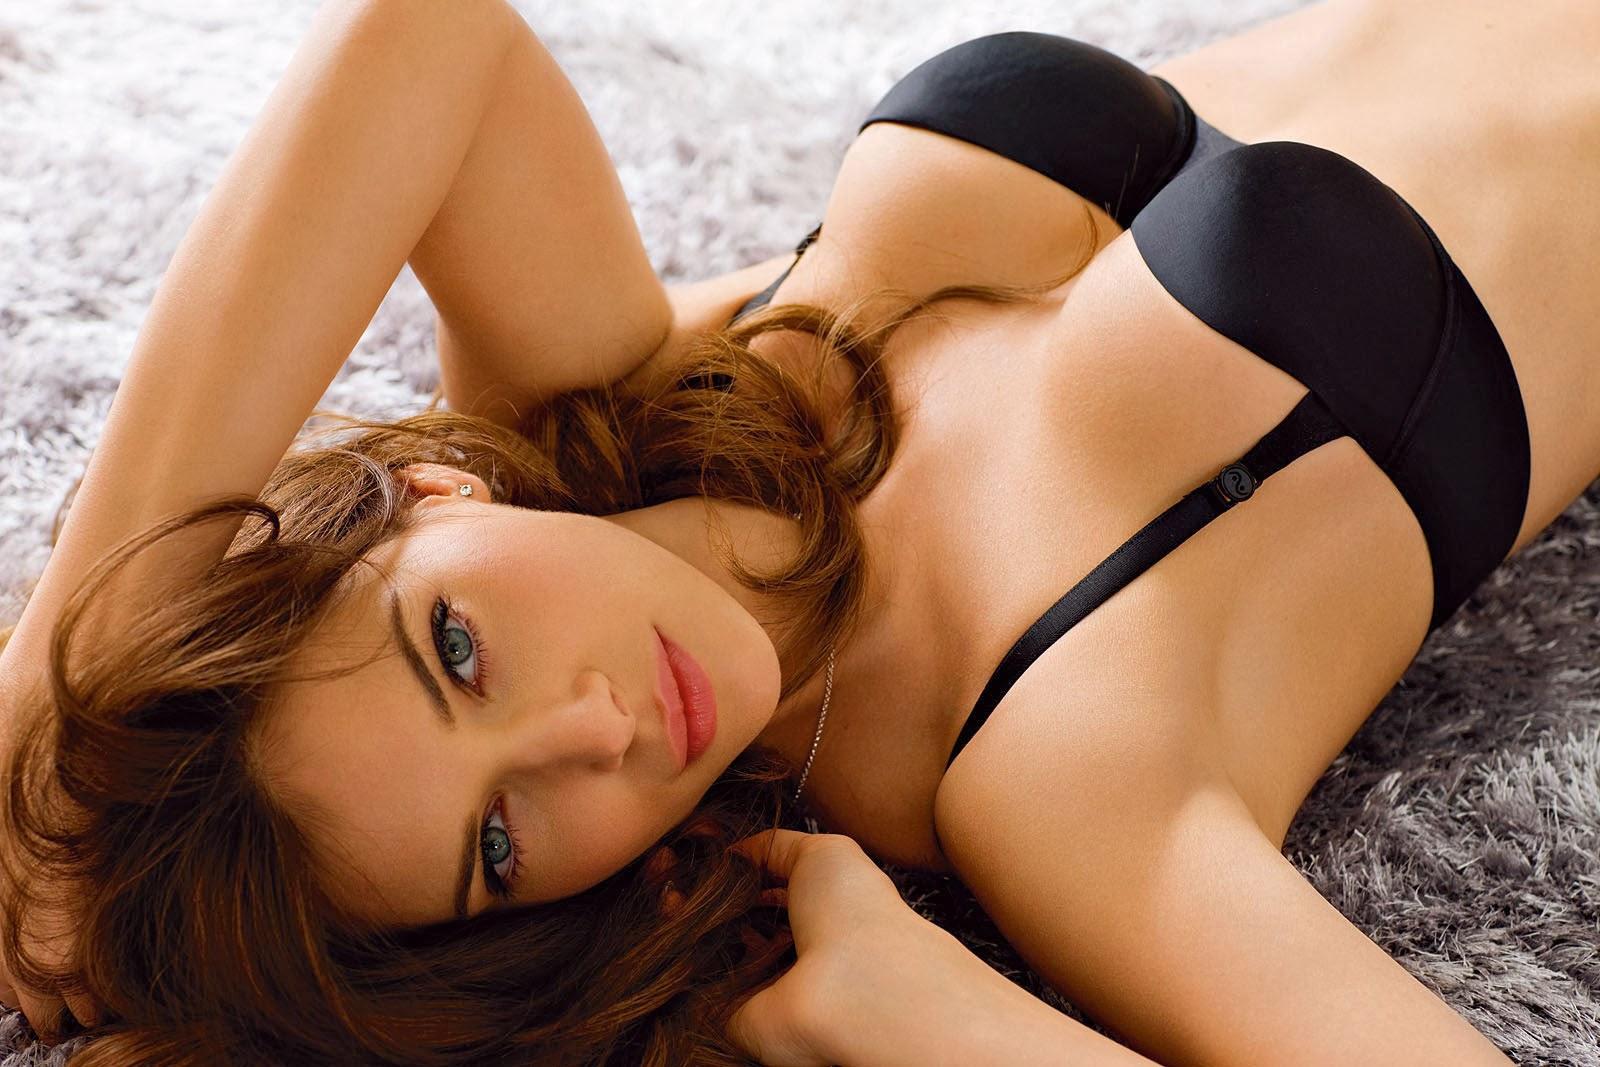 Секс с красивой девчонкой смотреть онлайн, Порно видео красотки, секс с красивыми женщинами 2 фотография